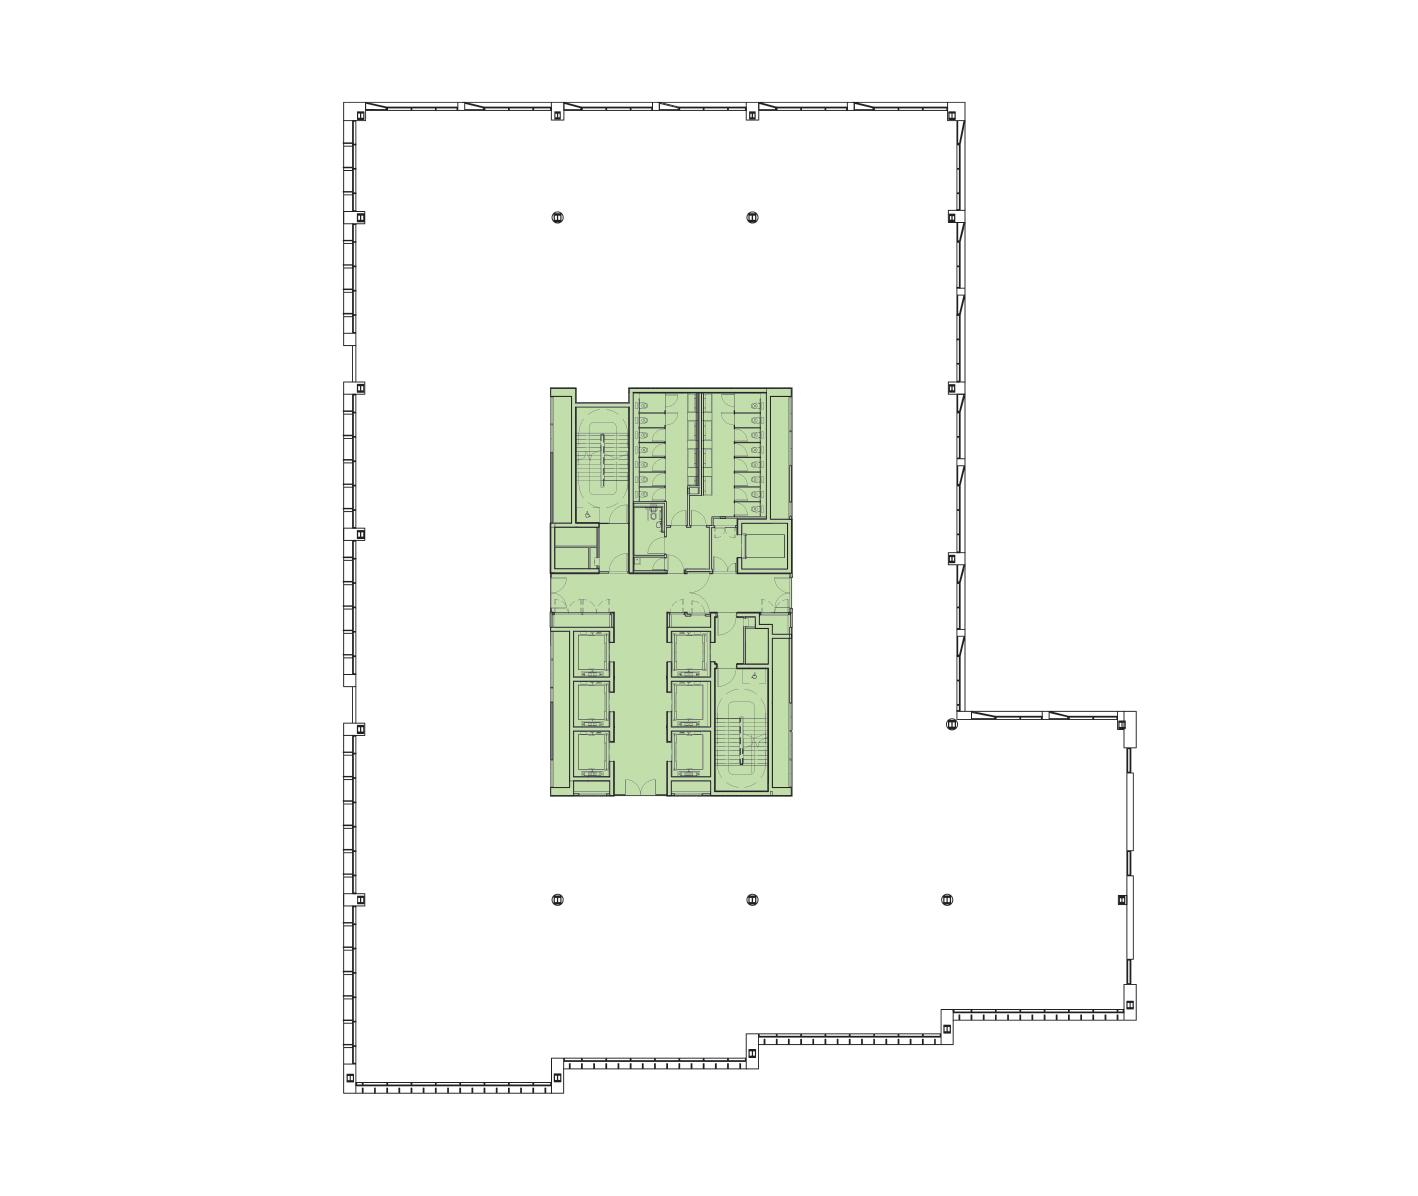 Second Floor Schematic